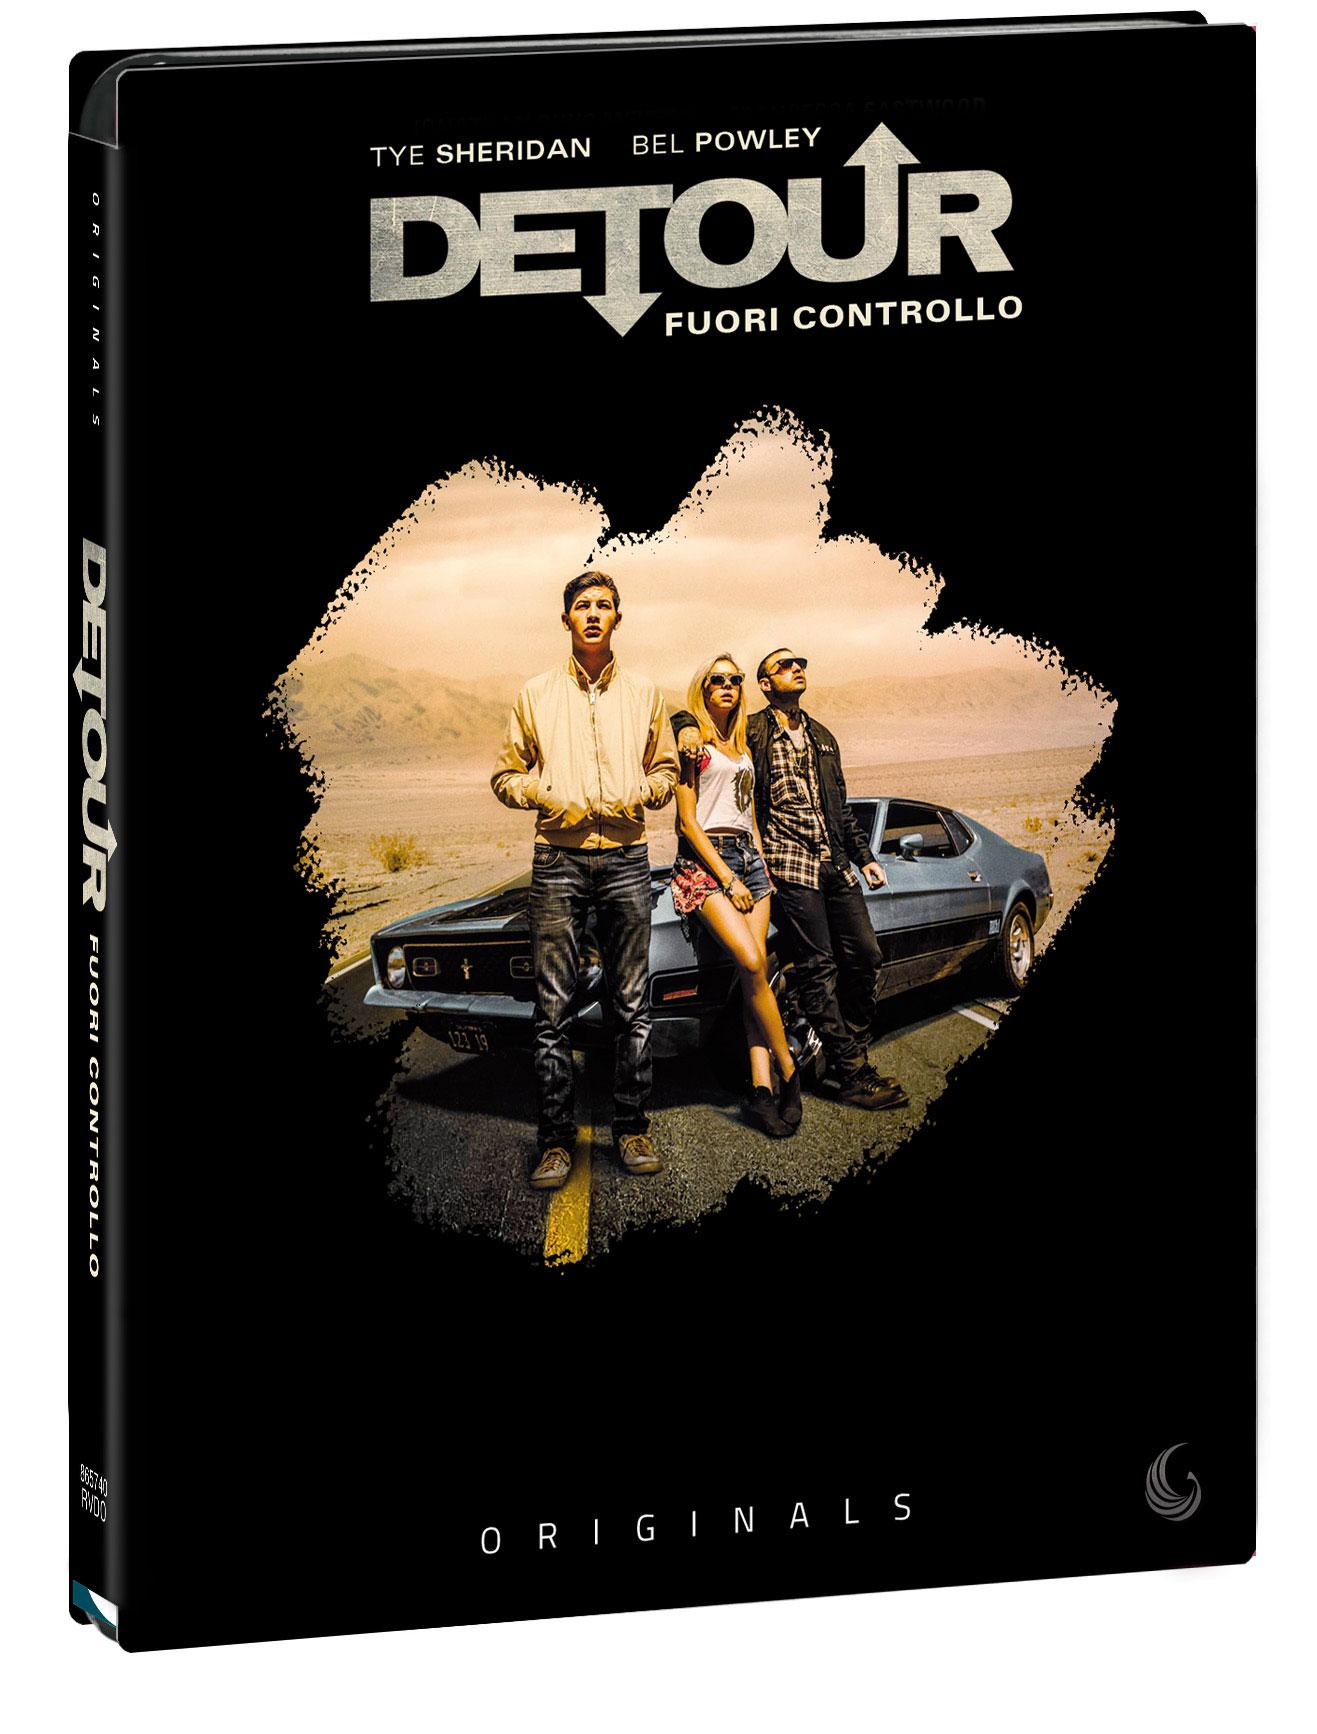 DETOUR - FUORI CONTROLLO (BLU-RAY+DVD)